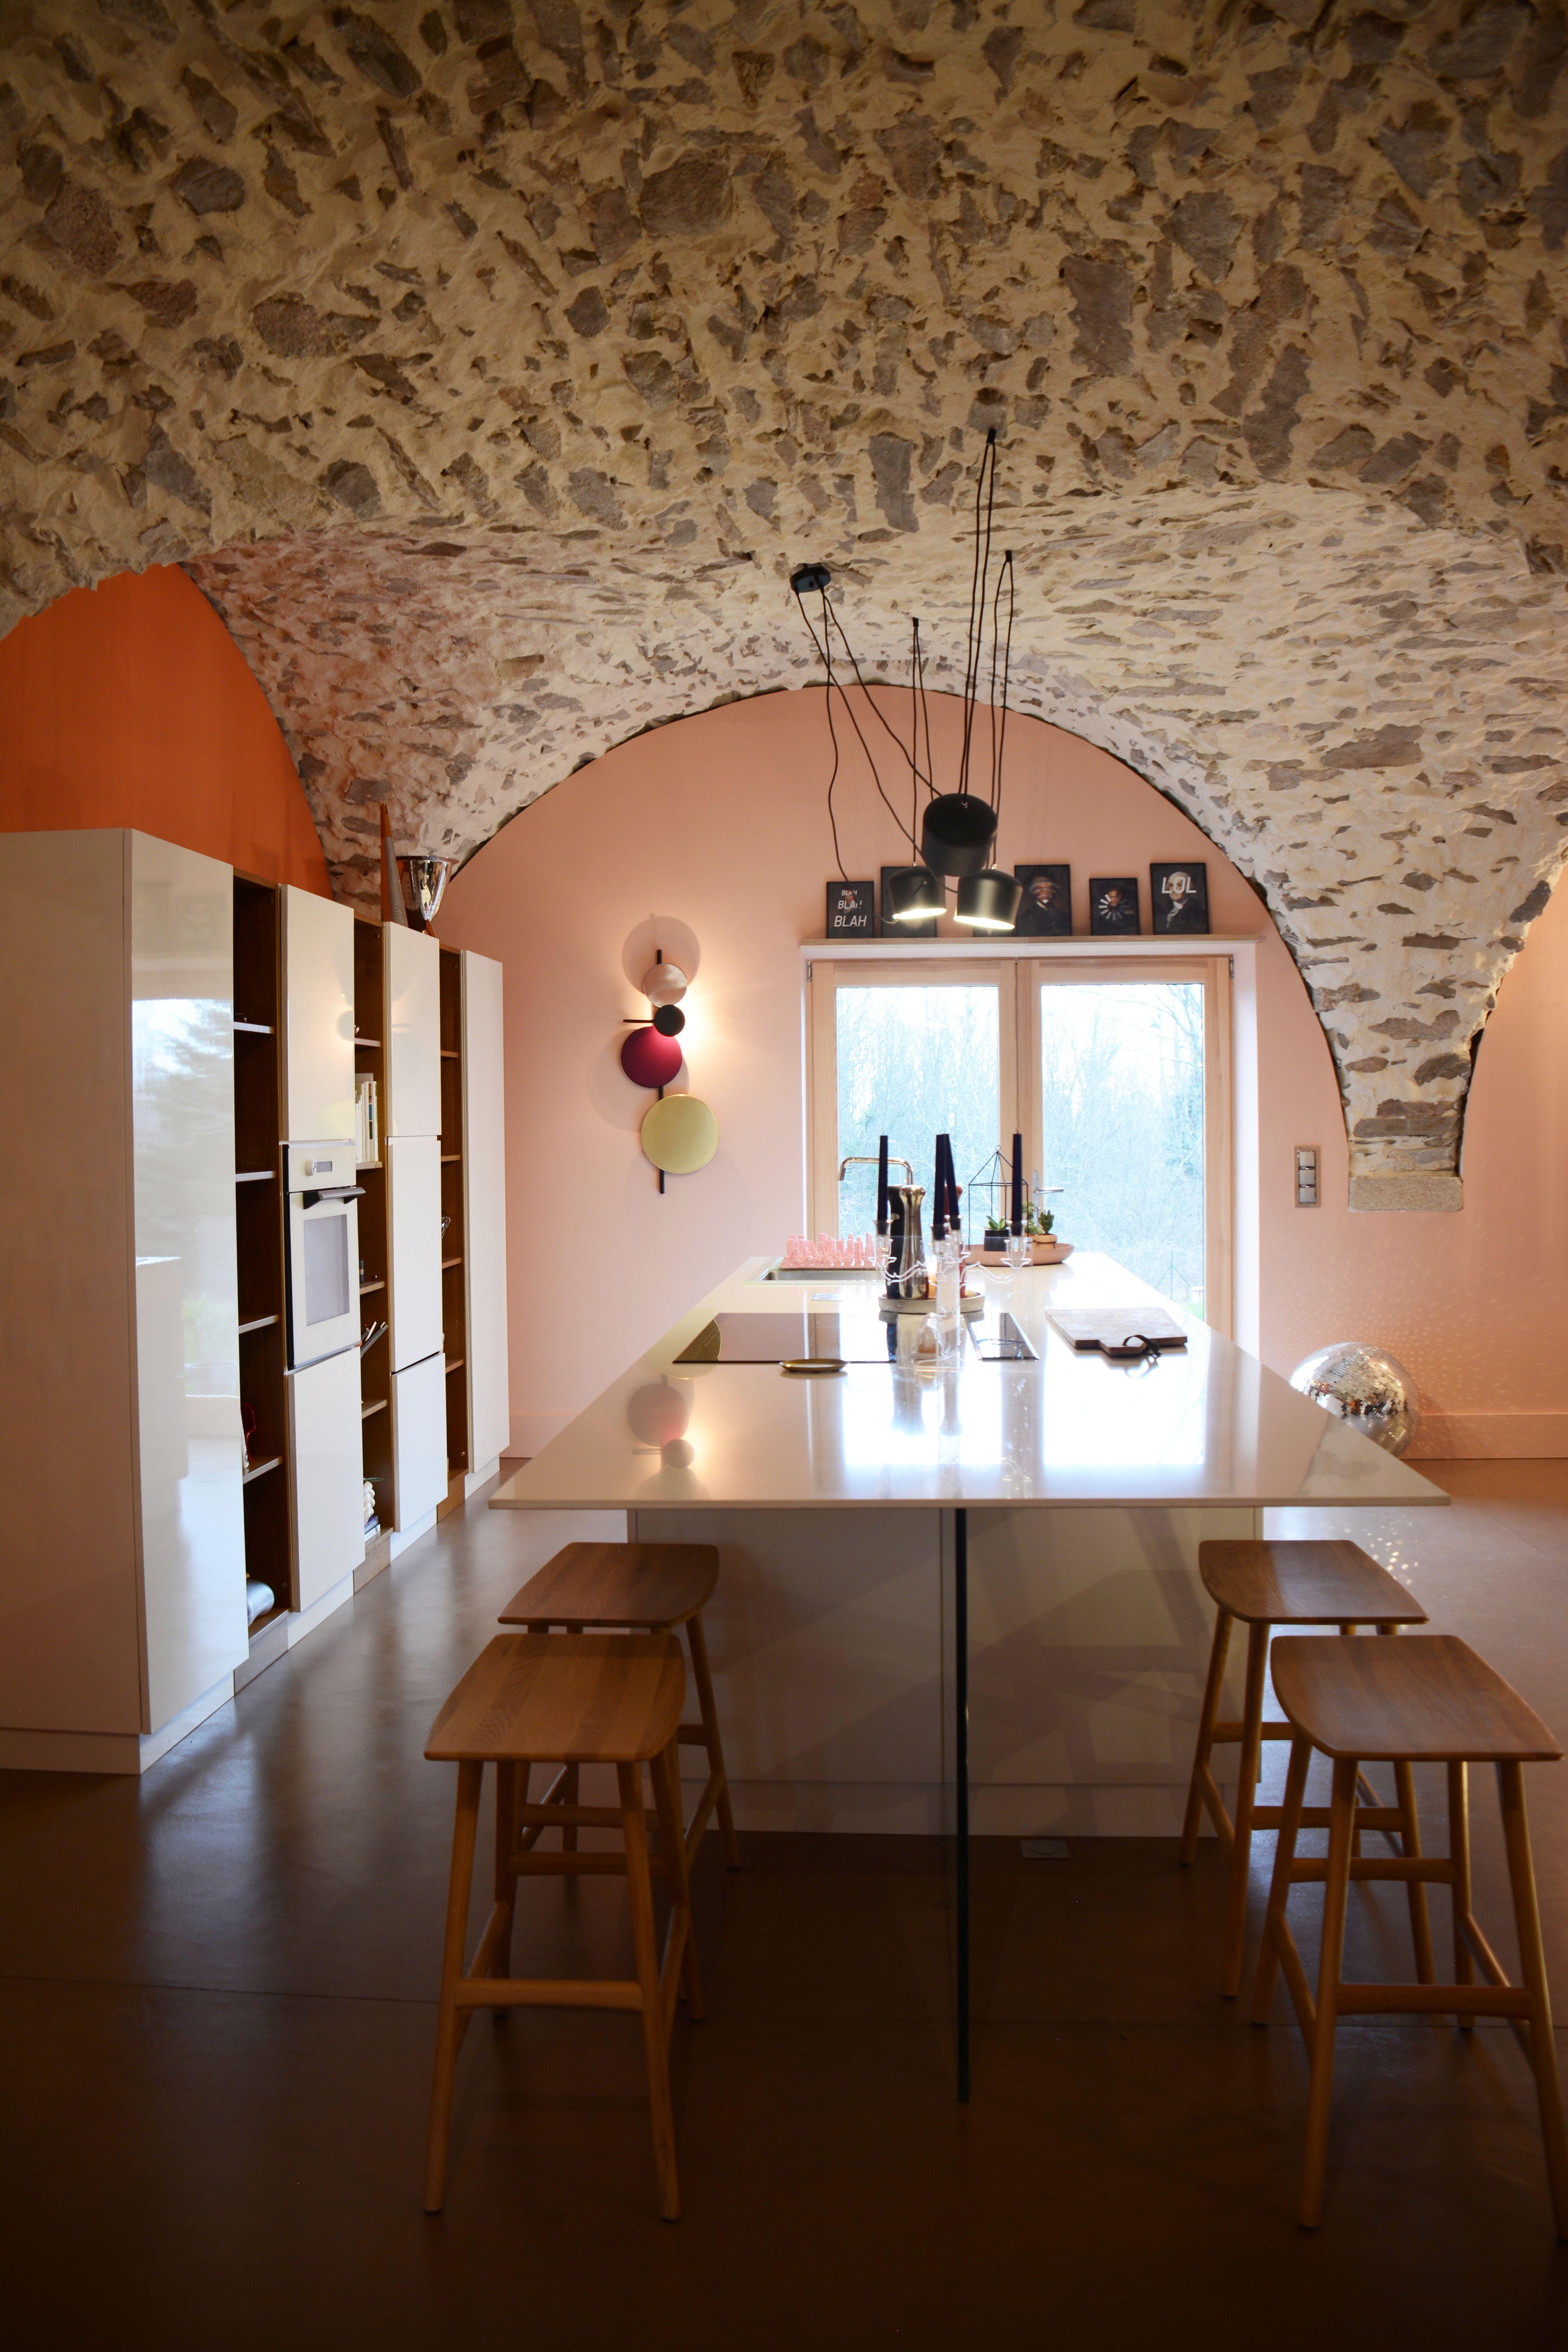 cuisine blanche et bois avec murs orange et rose et pierre. Au sol ...